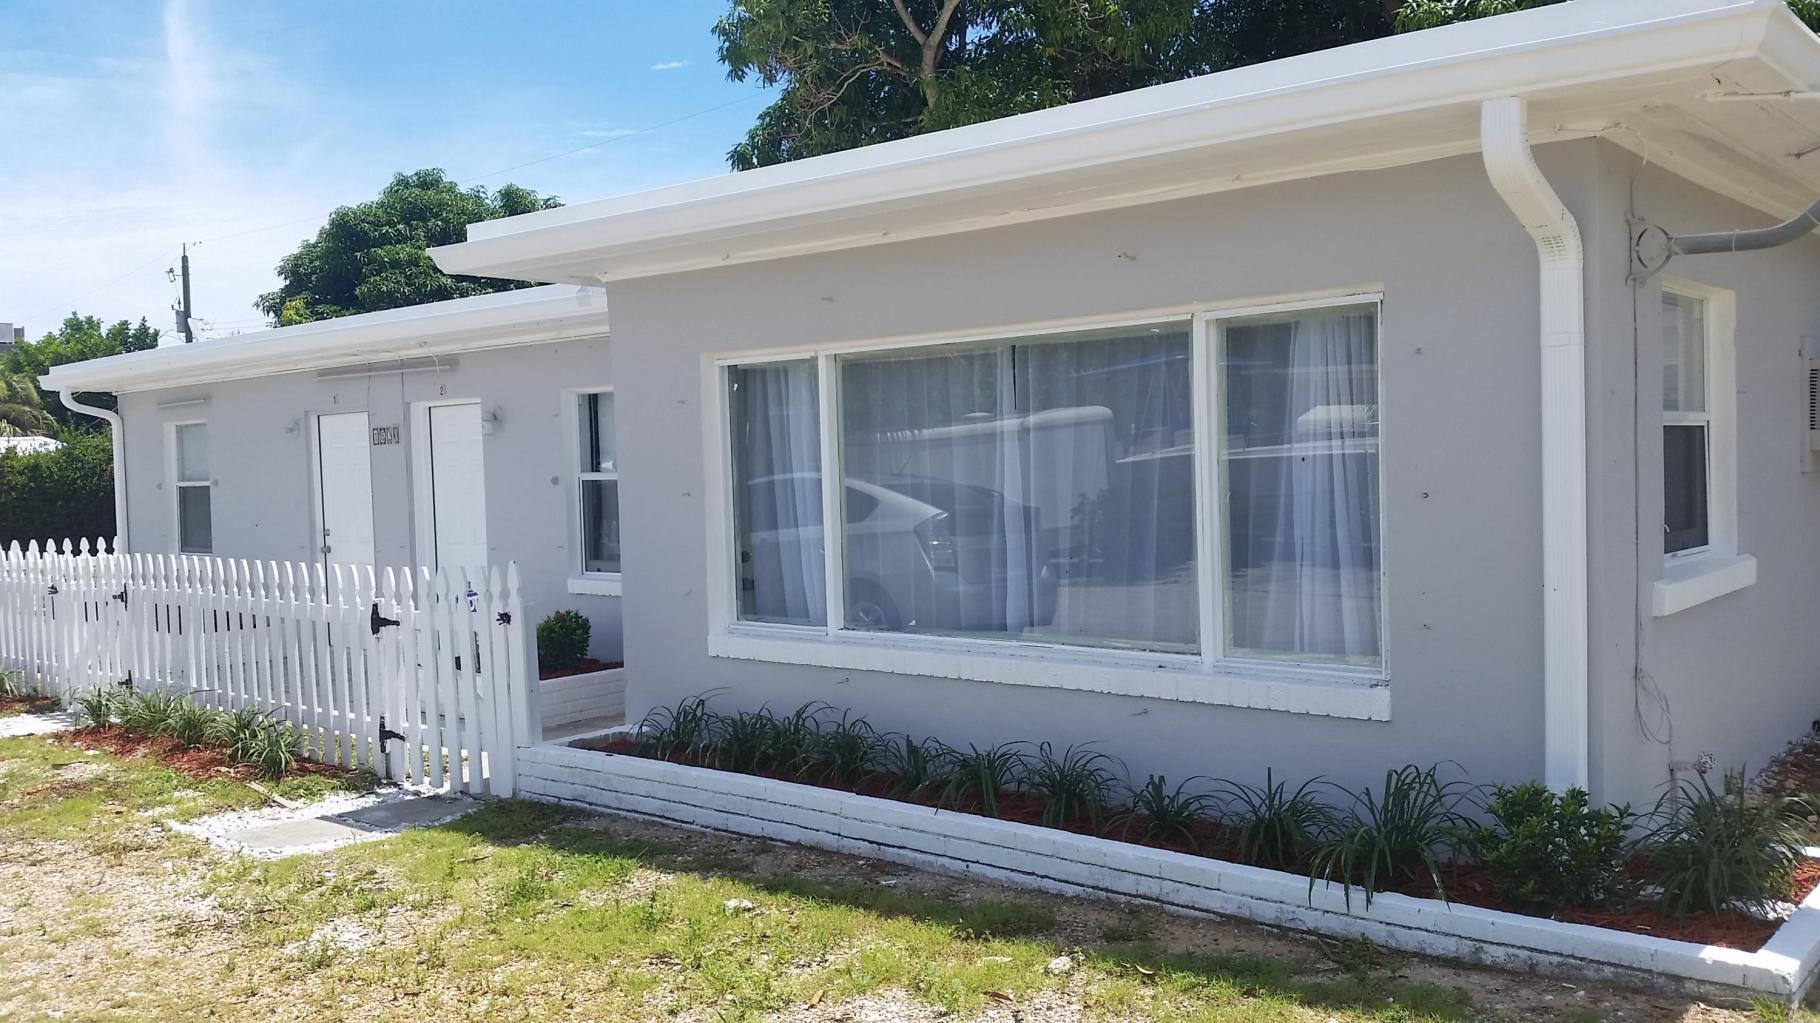 1820 Redbank Road, Juno Beach, Florida 33408, ,1 BathroomBathrooms,Duplex/Triplex/Quadplex,For Rent,Redbank,1,RX-10644021